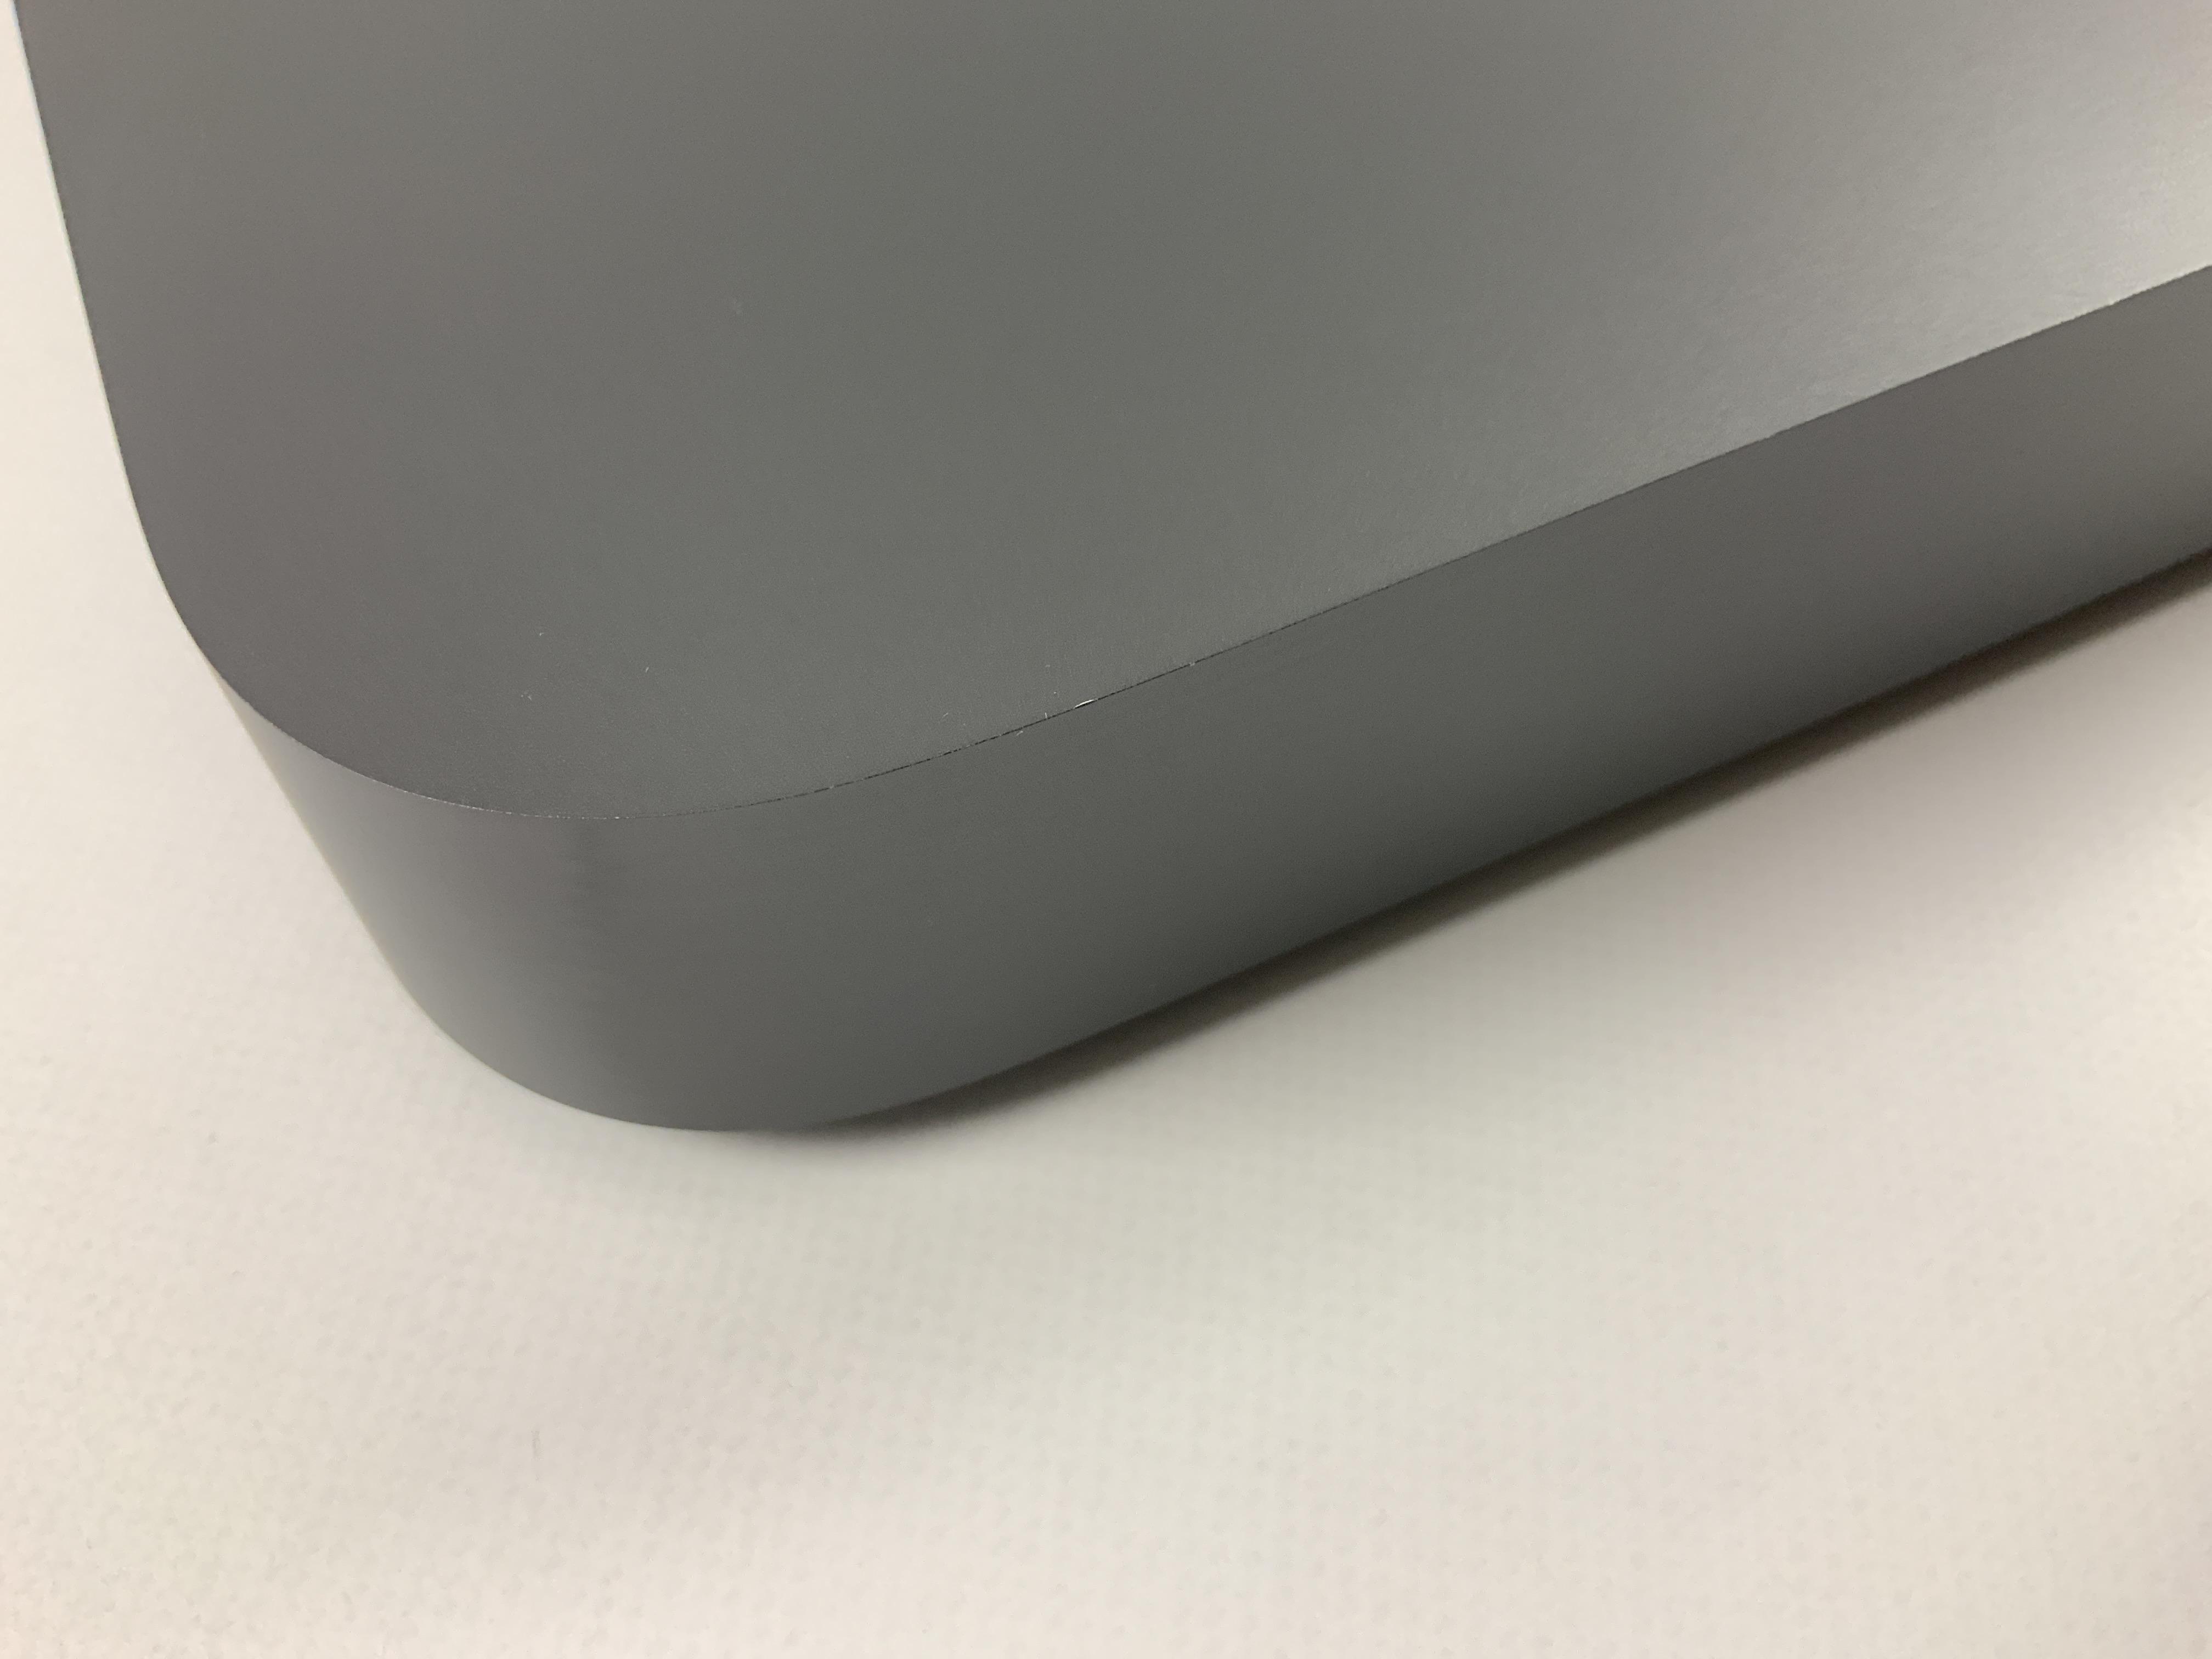 Mac Mini Late 2018 (Intel 6-Core i7 3.2 GHz 32 GB RAM 256 GB SSD), Intel 6-Core i7 3.2 GHz, 32 GB RAM, 256 GB SSD, imagen 4